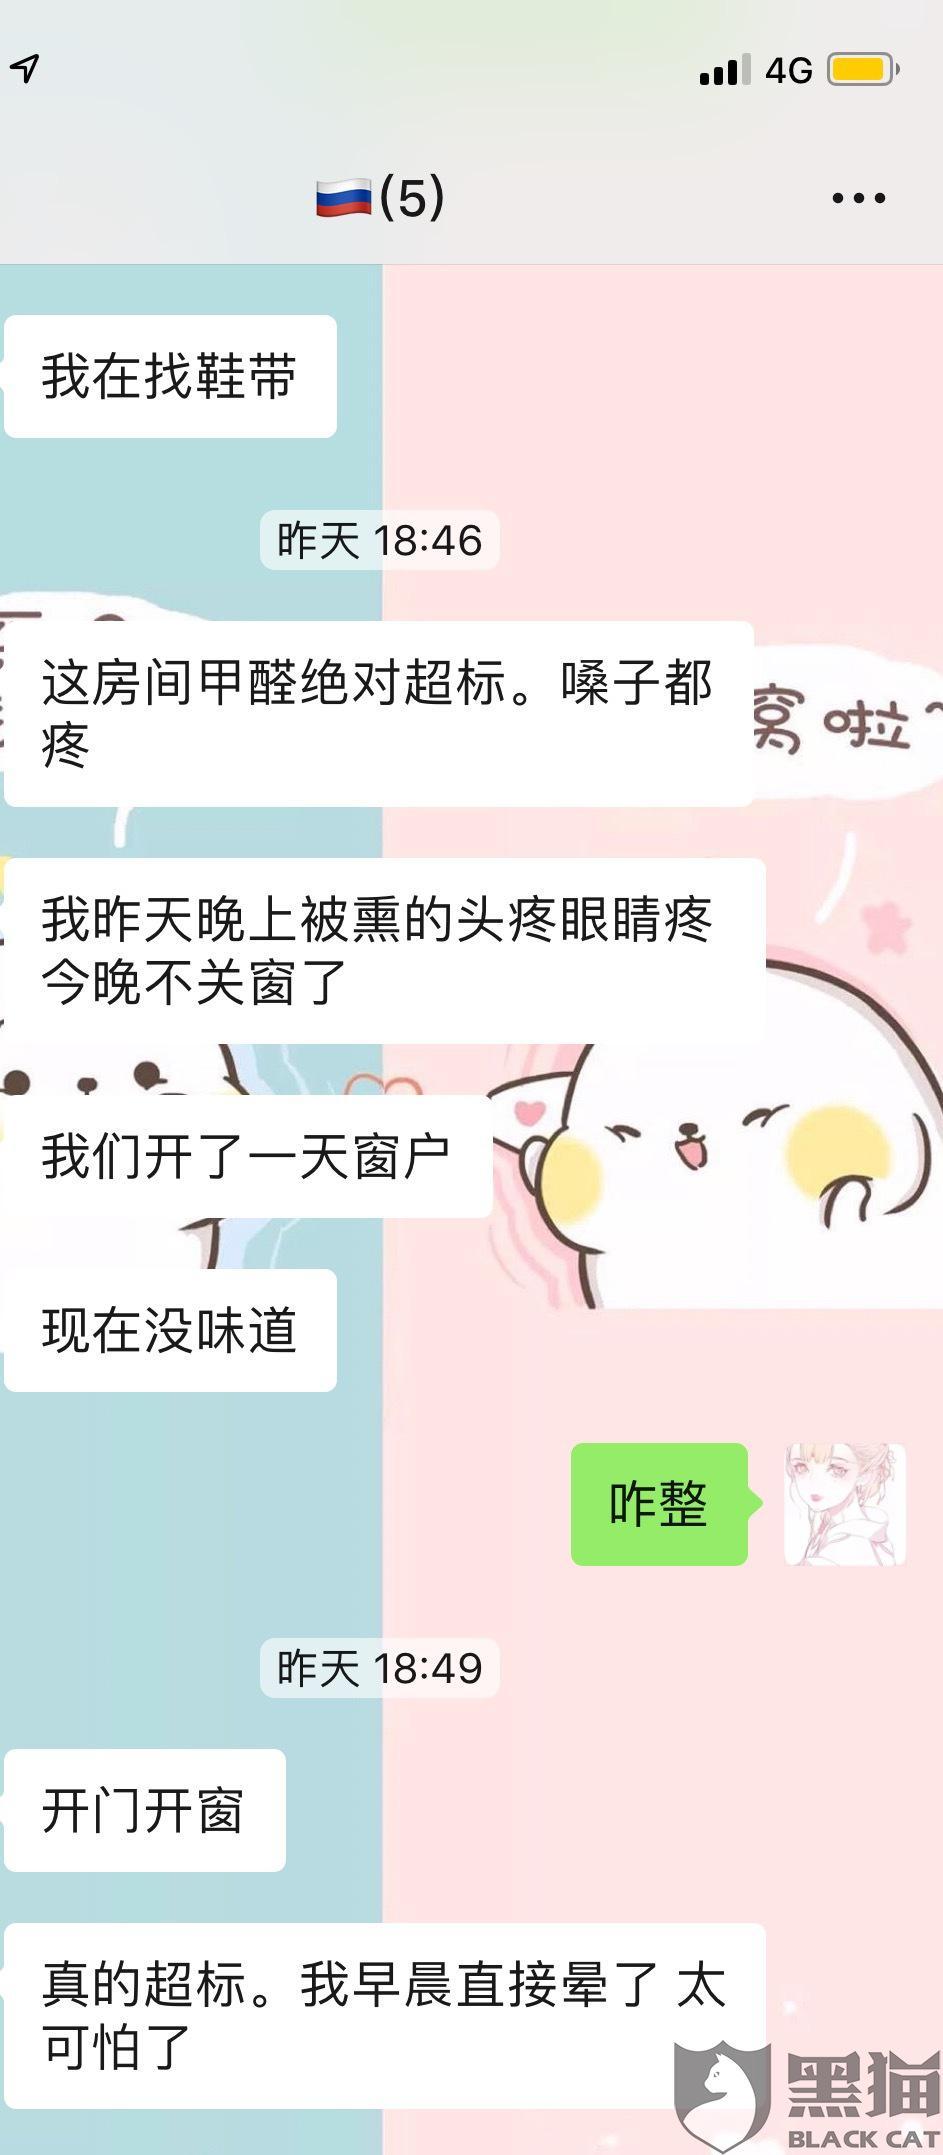 黑猫投诉:众信旅游遇事不负责 拒不承认自身错误 遇事甩锅